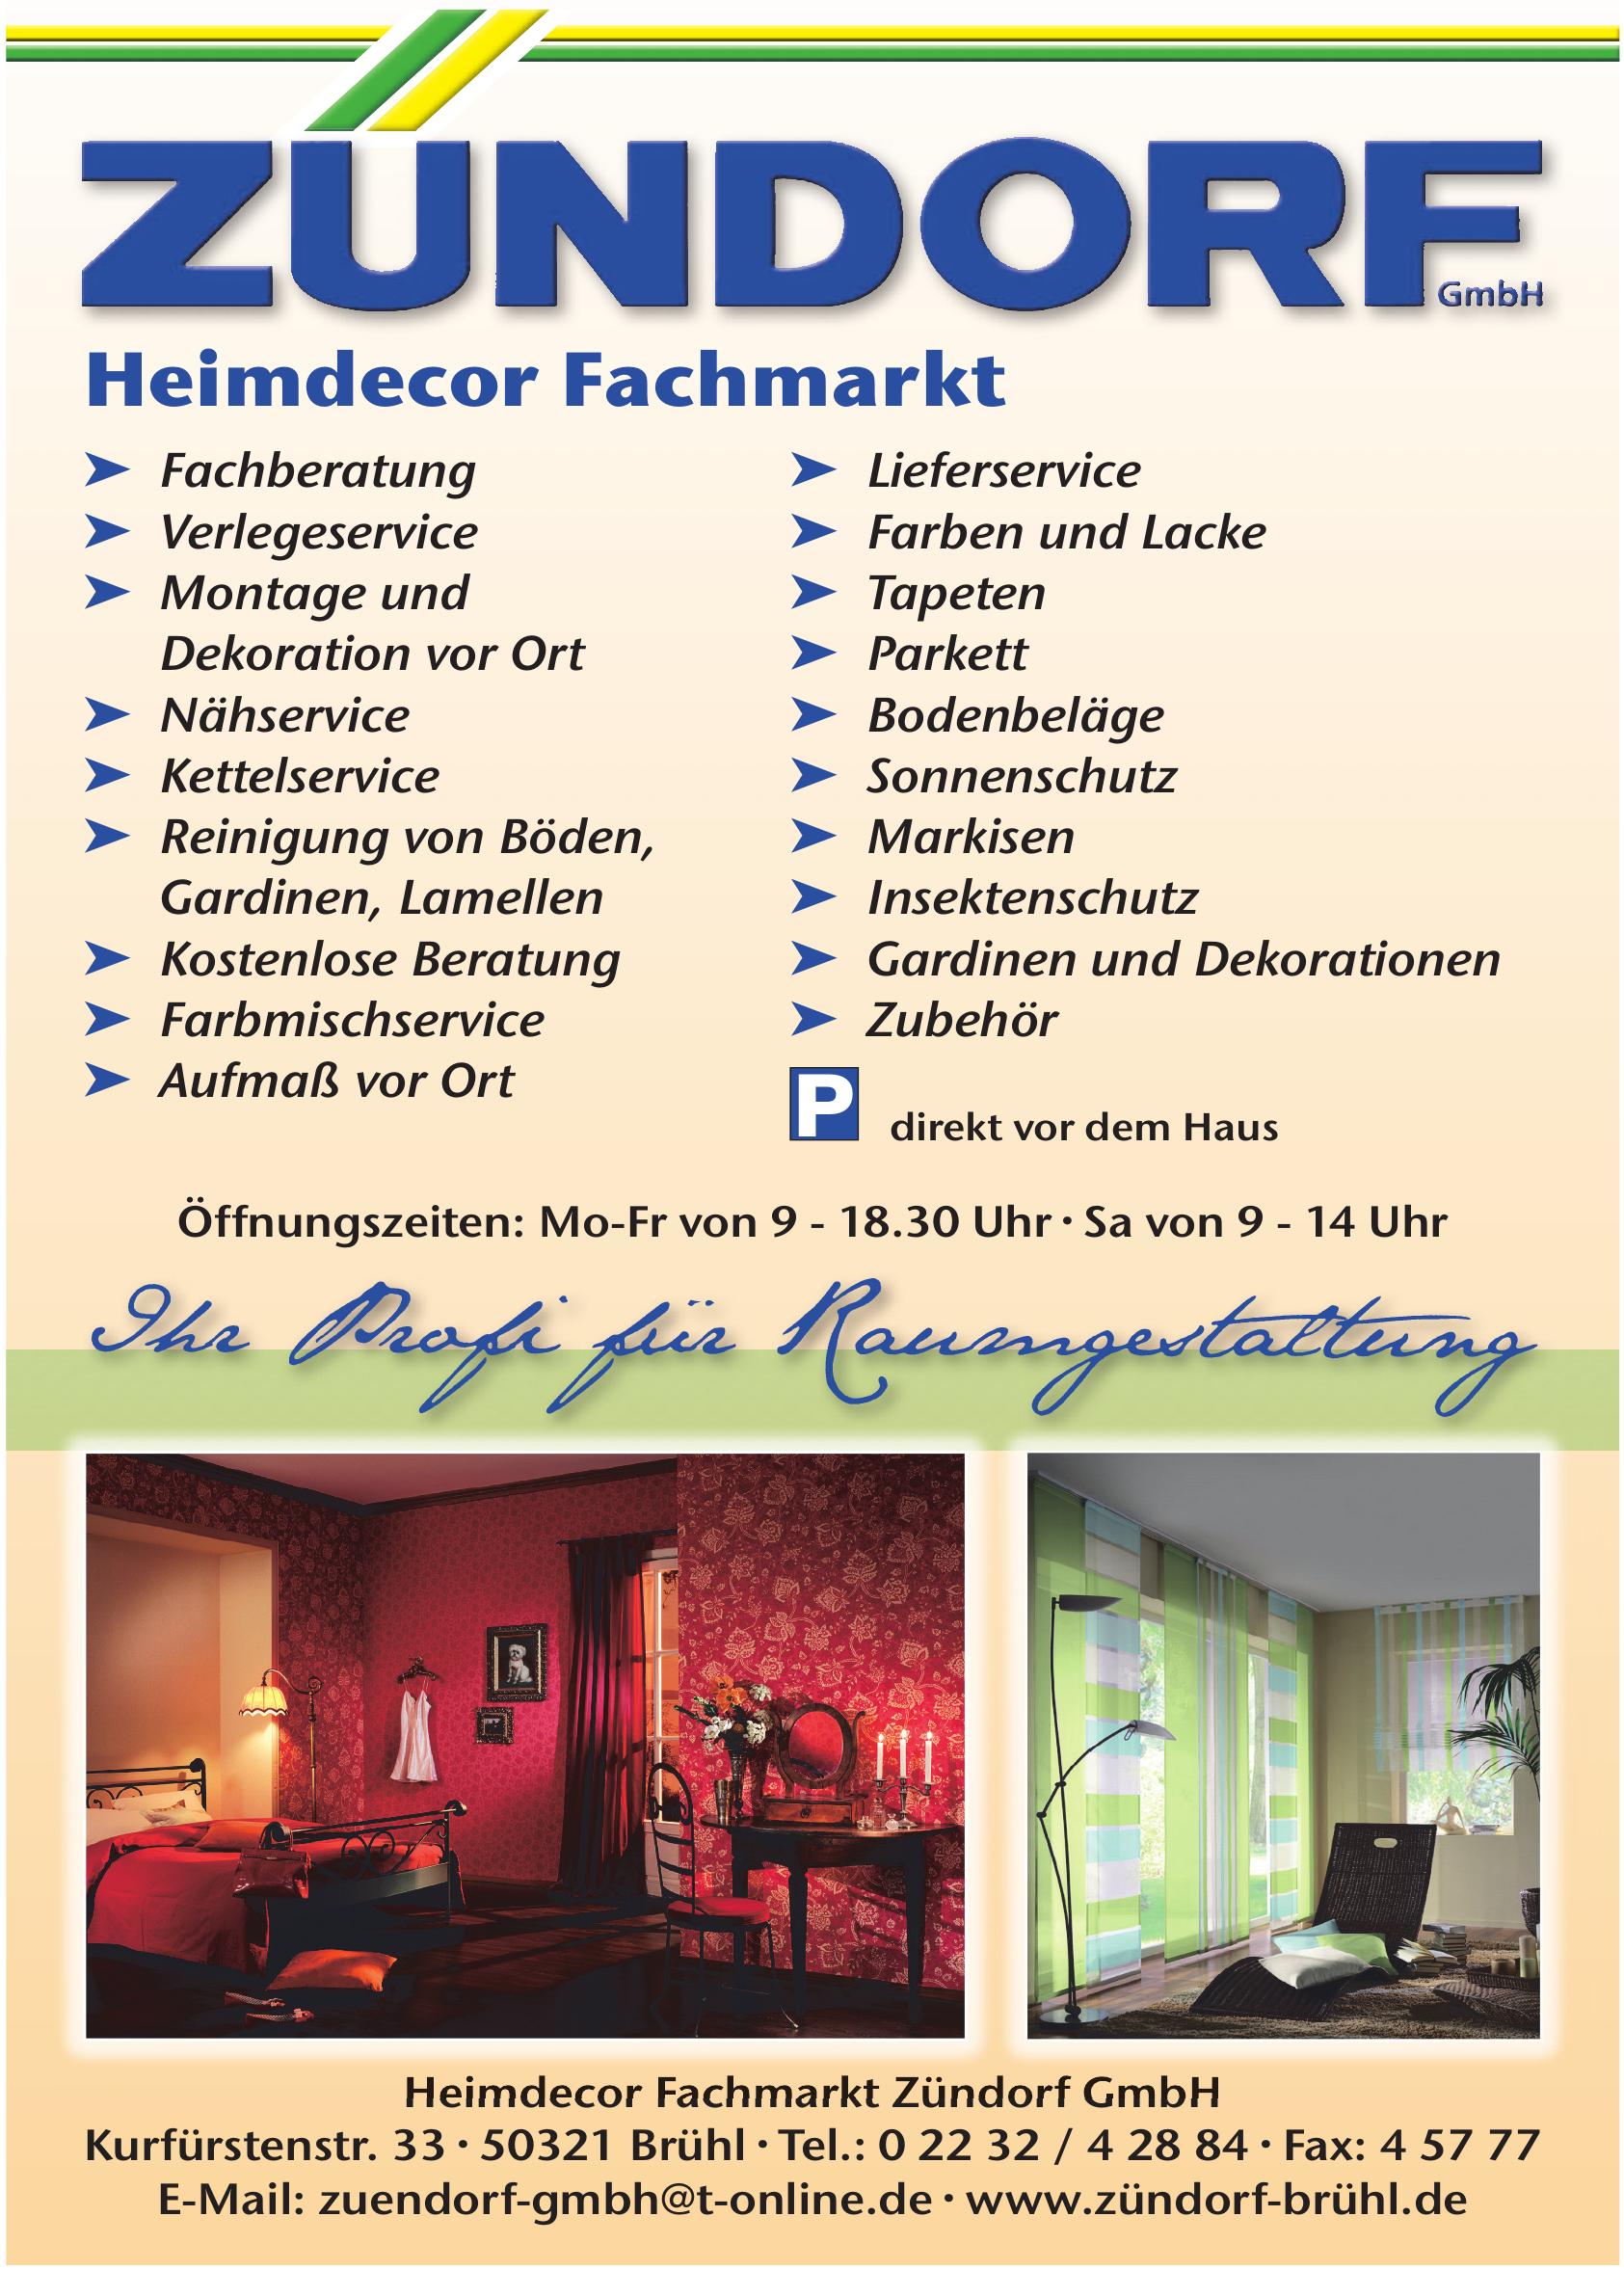 Heimdecor Fachmarkt Zündorf GmbH